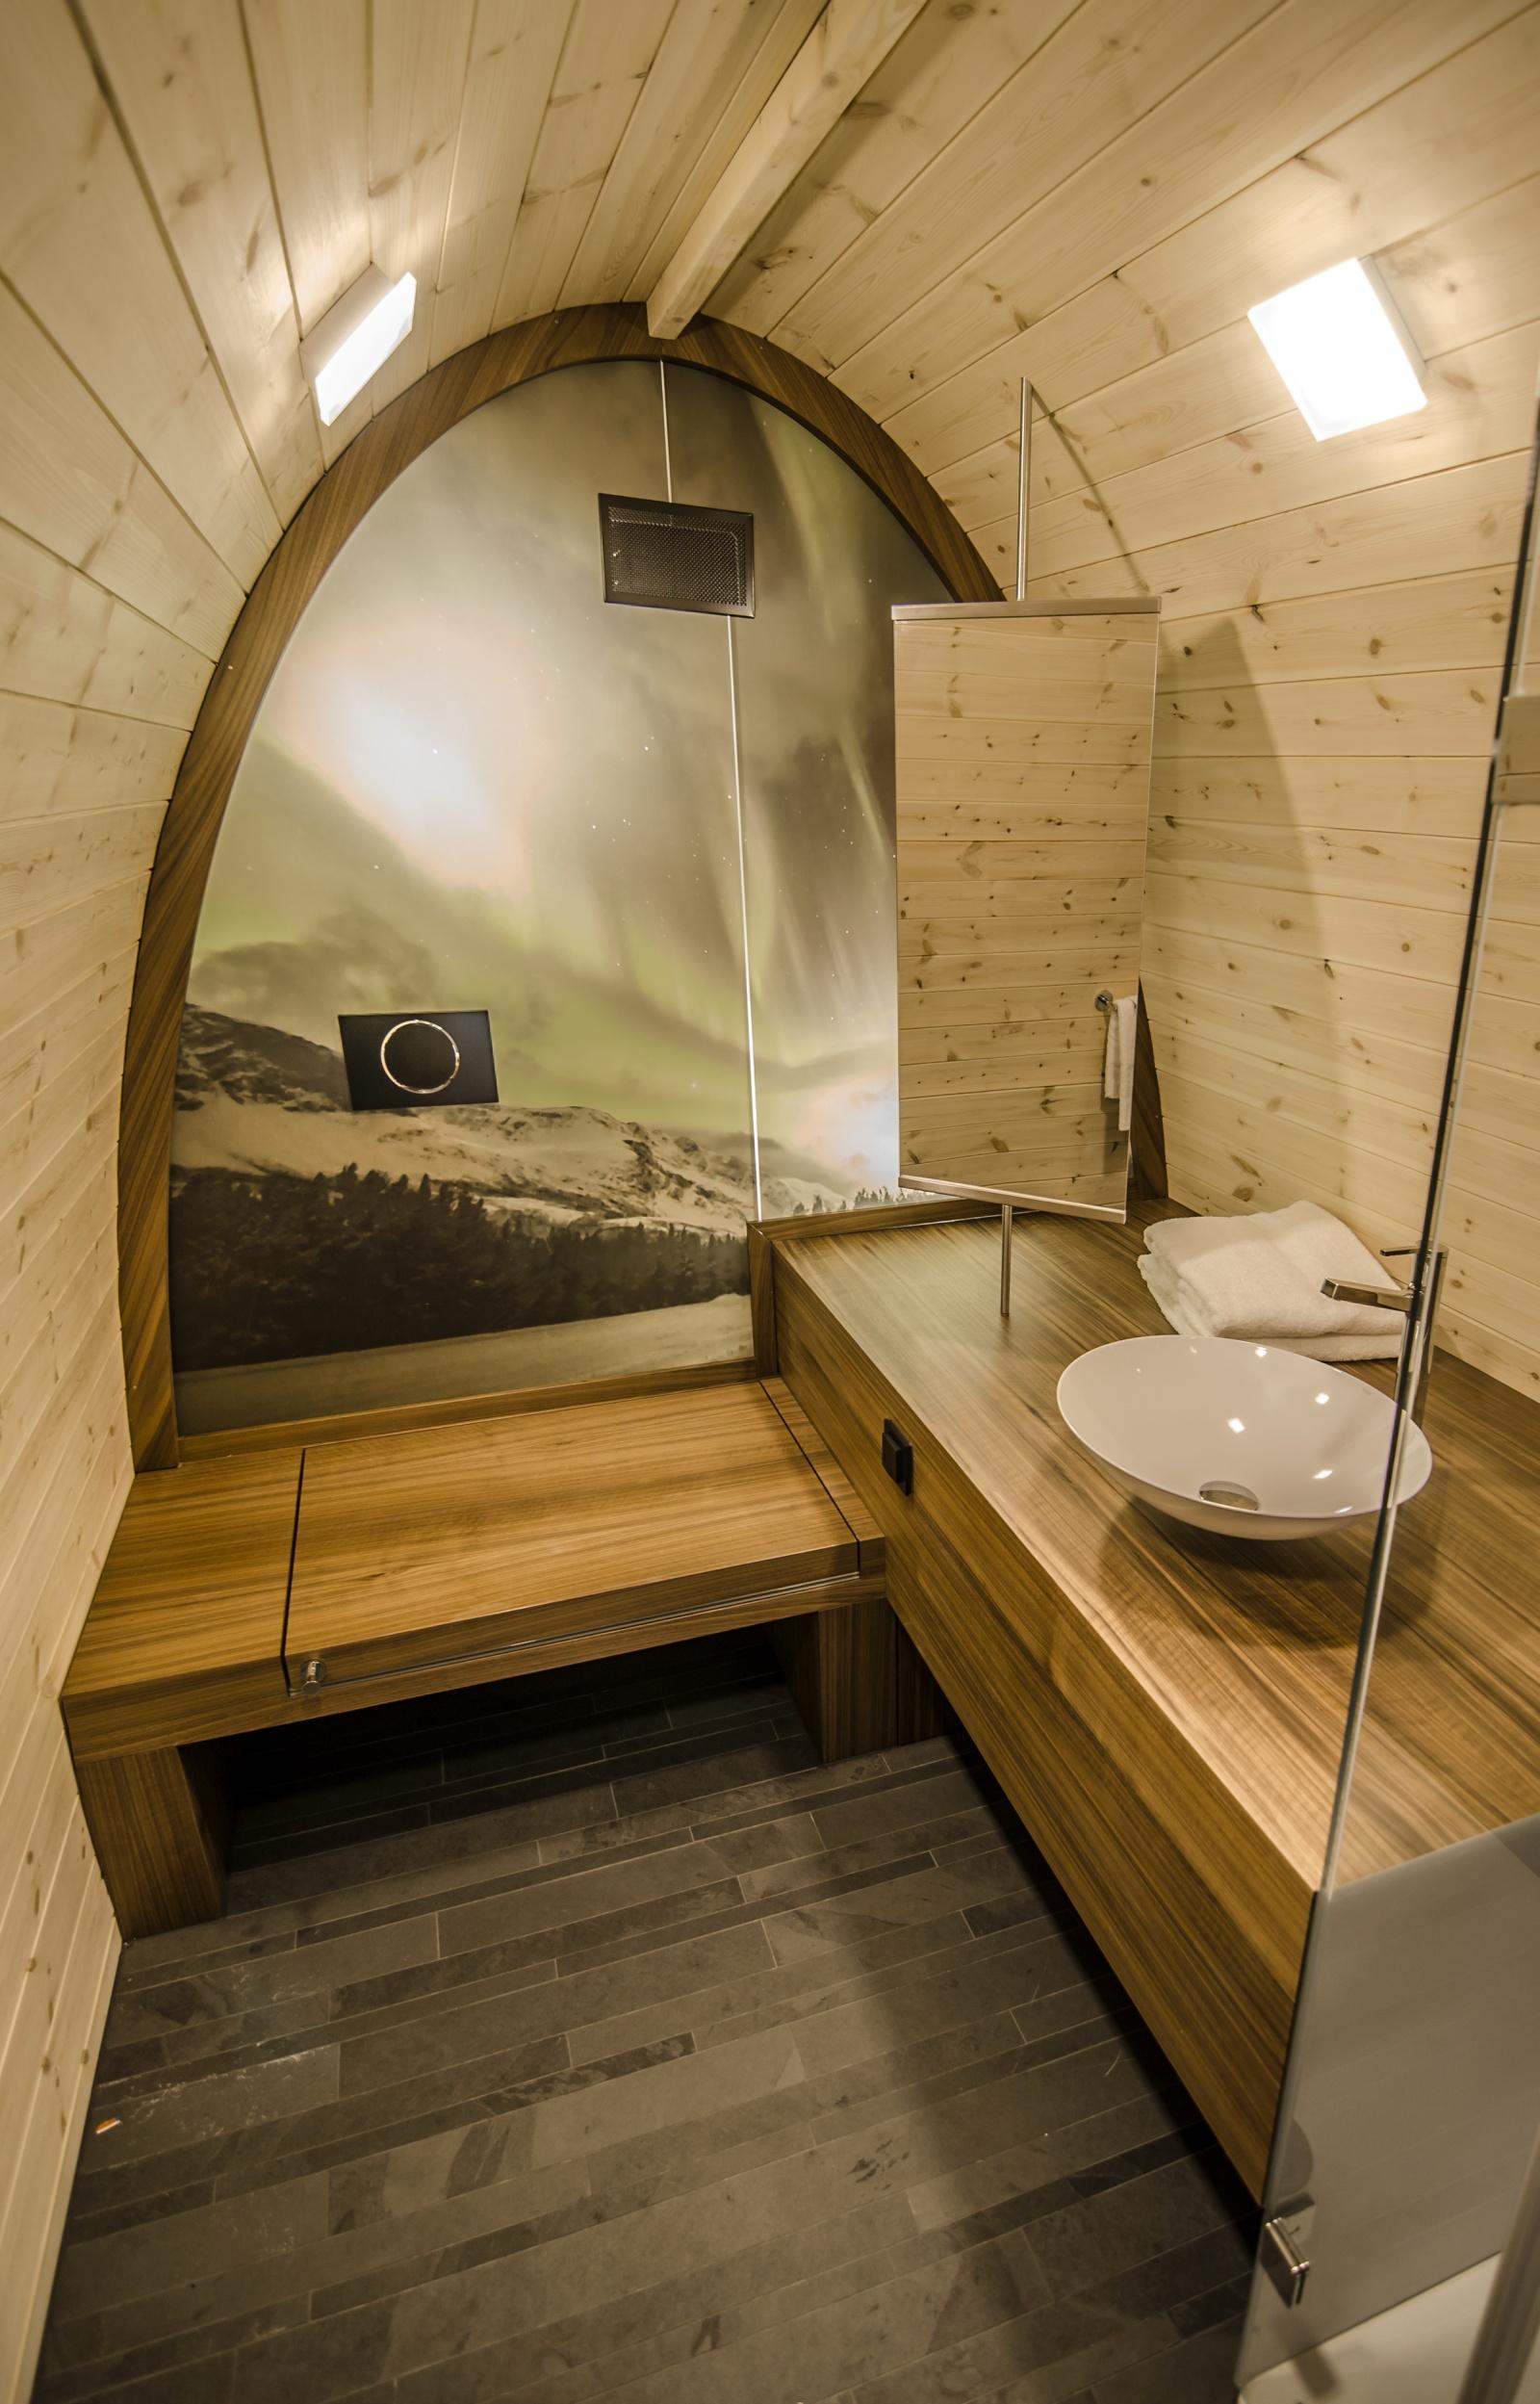 Kirkenes snowhotel for Kirkenes snow hotel gamme cabins